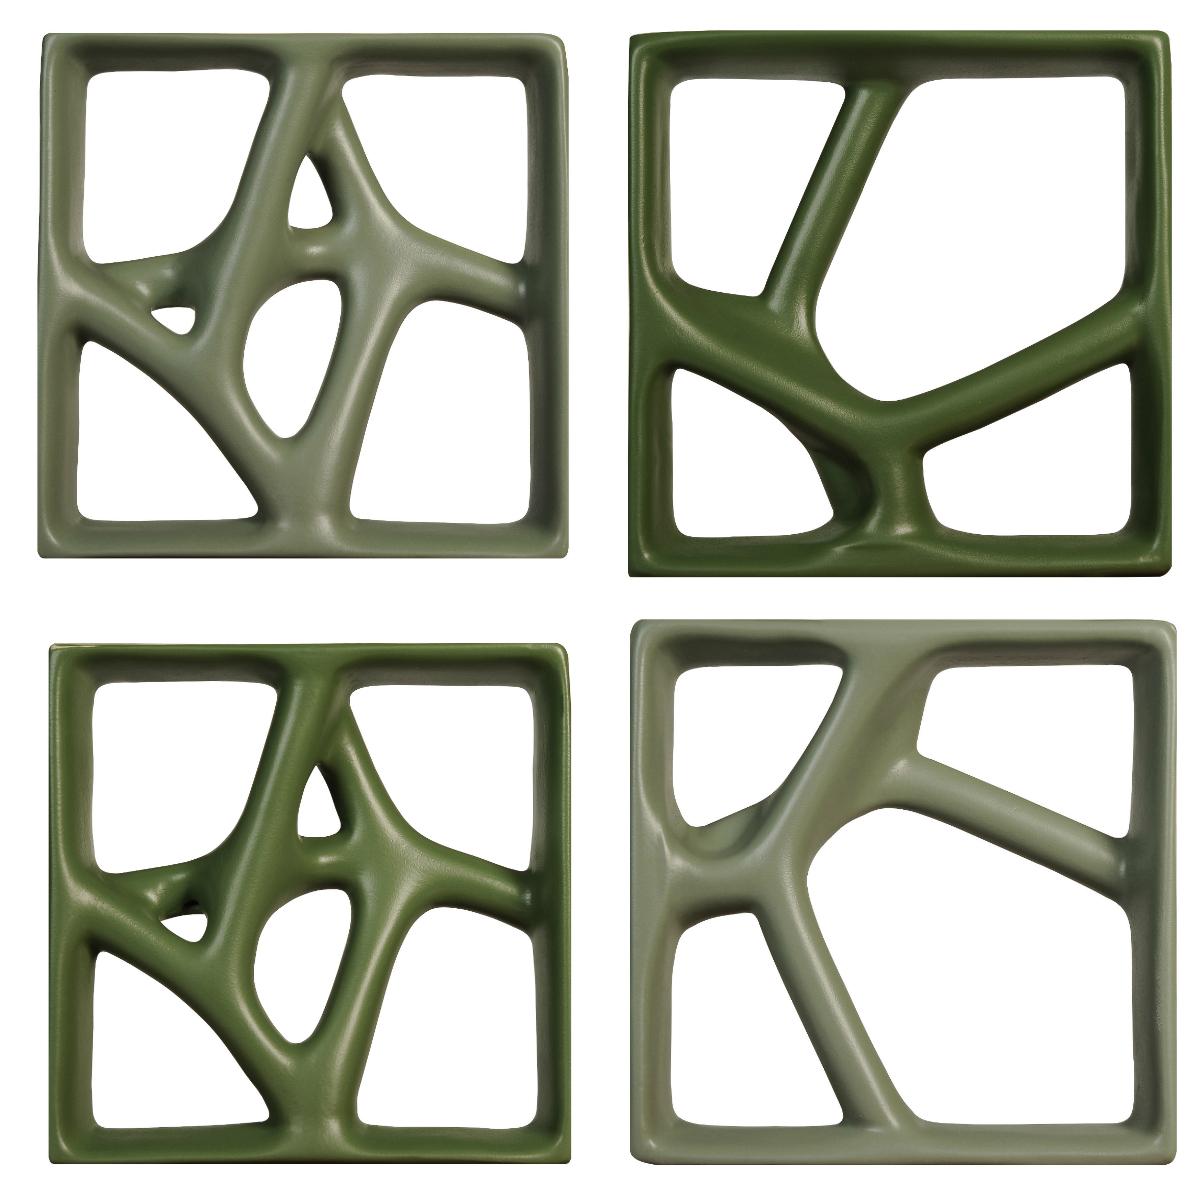 Inspirada nas formas orgânicas, a linha de cobogós Rizoma foi desenvolvida pelo Estúdio Guto Requena para a Manufatti. São dois modelos em três tons de verde que ampliam as possibilidades de paginação do produto. Foto: Divulgação/Manufatti